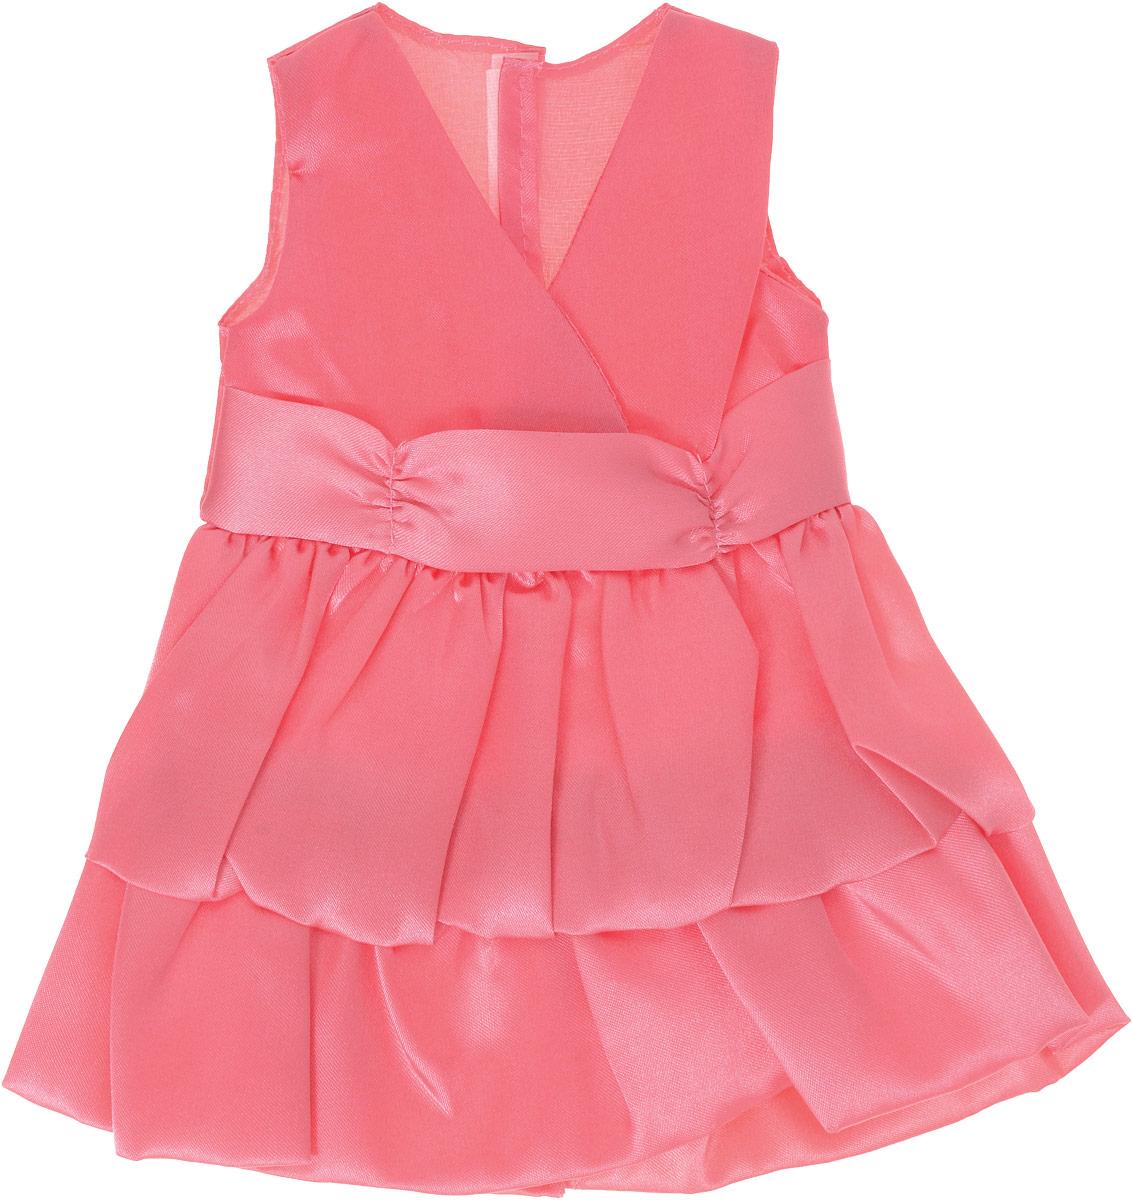 Junfa Toys Одежда для кукол Платье атласное цвет платья коралловый одежда для женщин